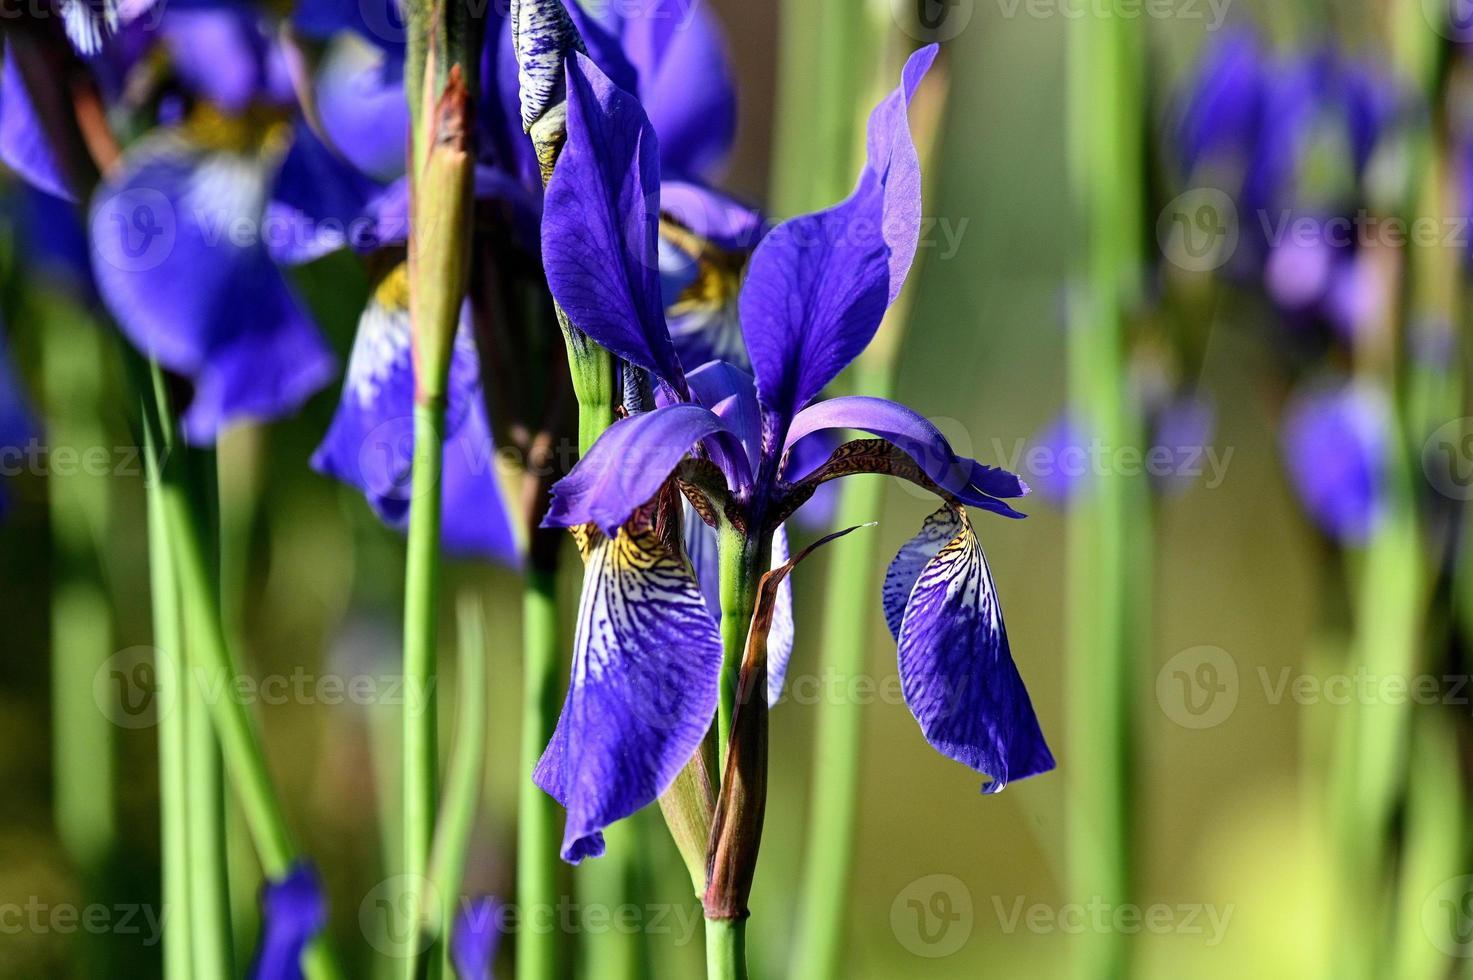 beaucoup d'iris bleu vif photo